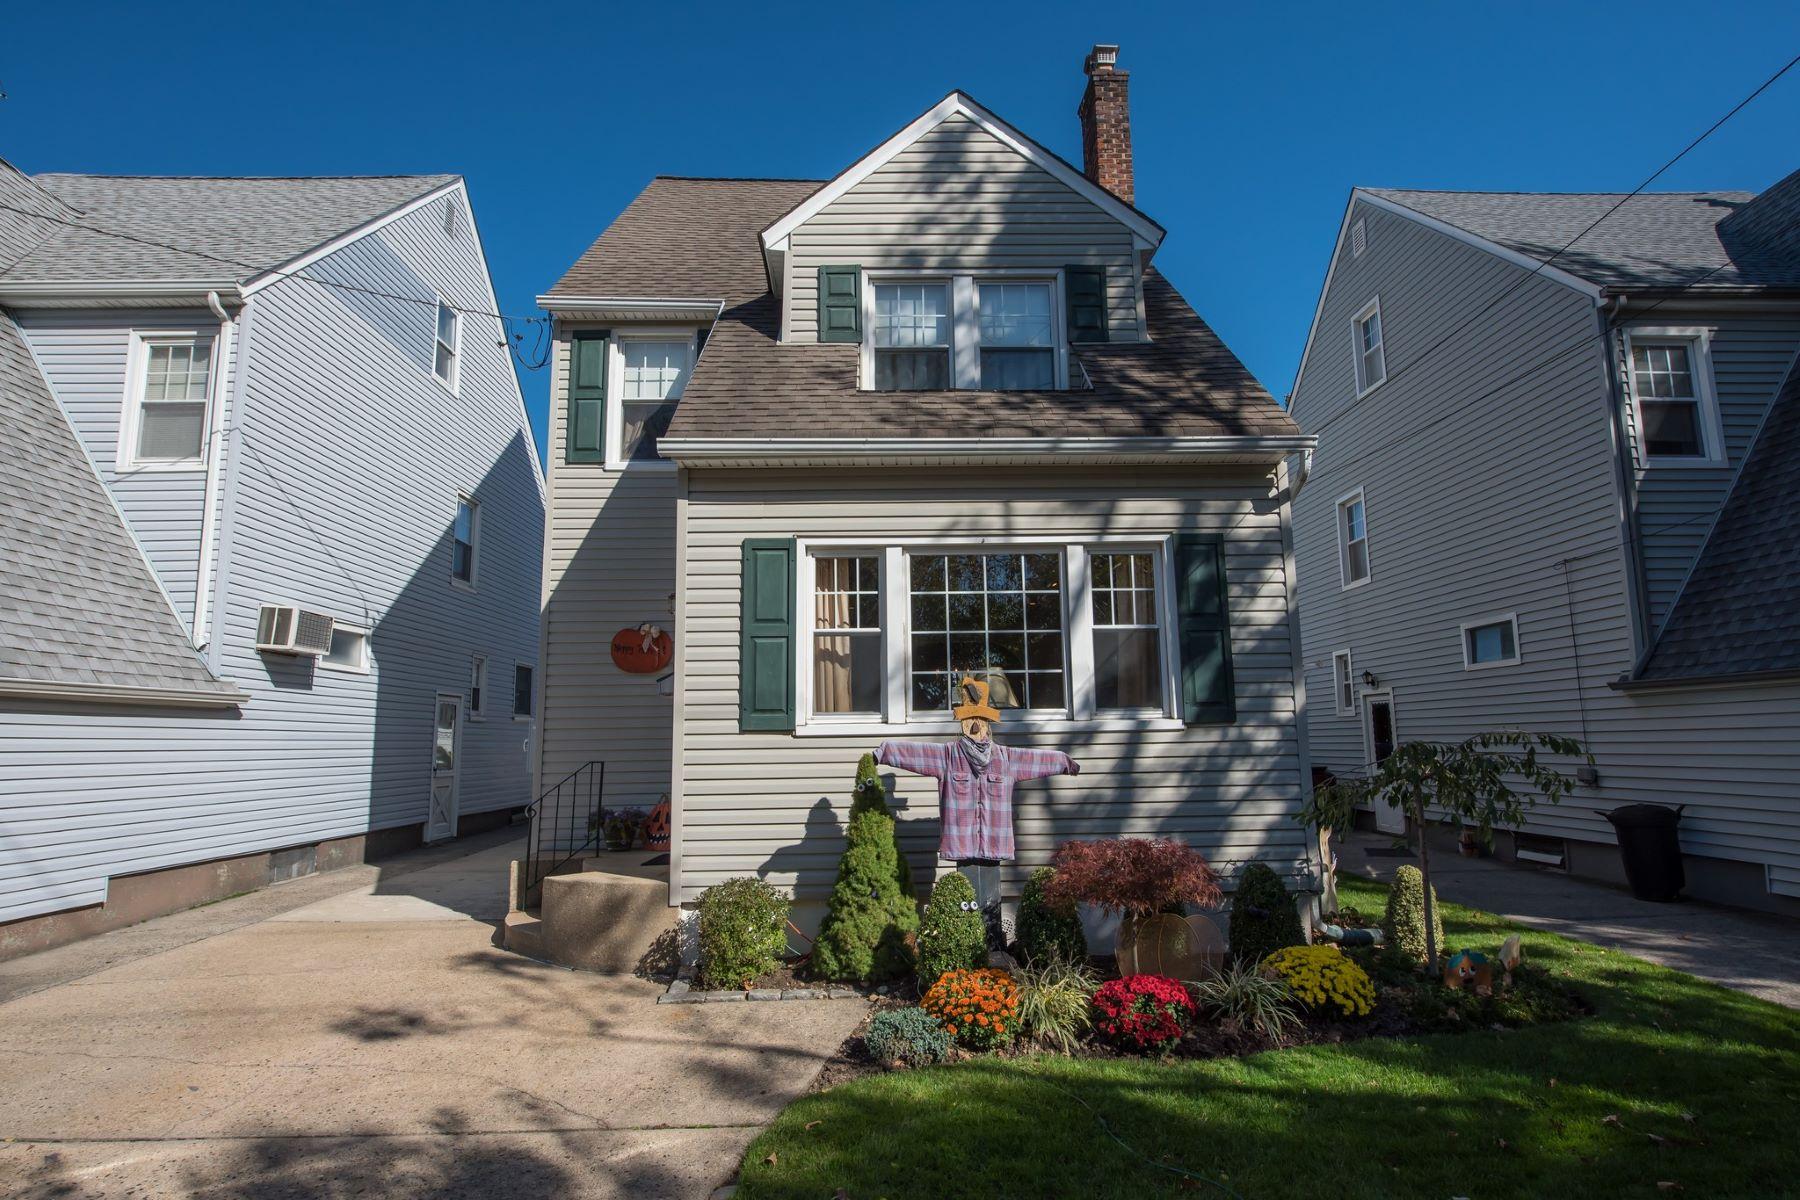 Single Family Homes für Verkauf beim Mineola 320 Marcellus Rd, Mineola, New York 11501 Vereinigte Staaten